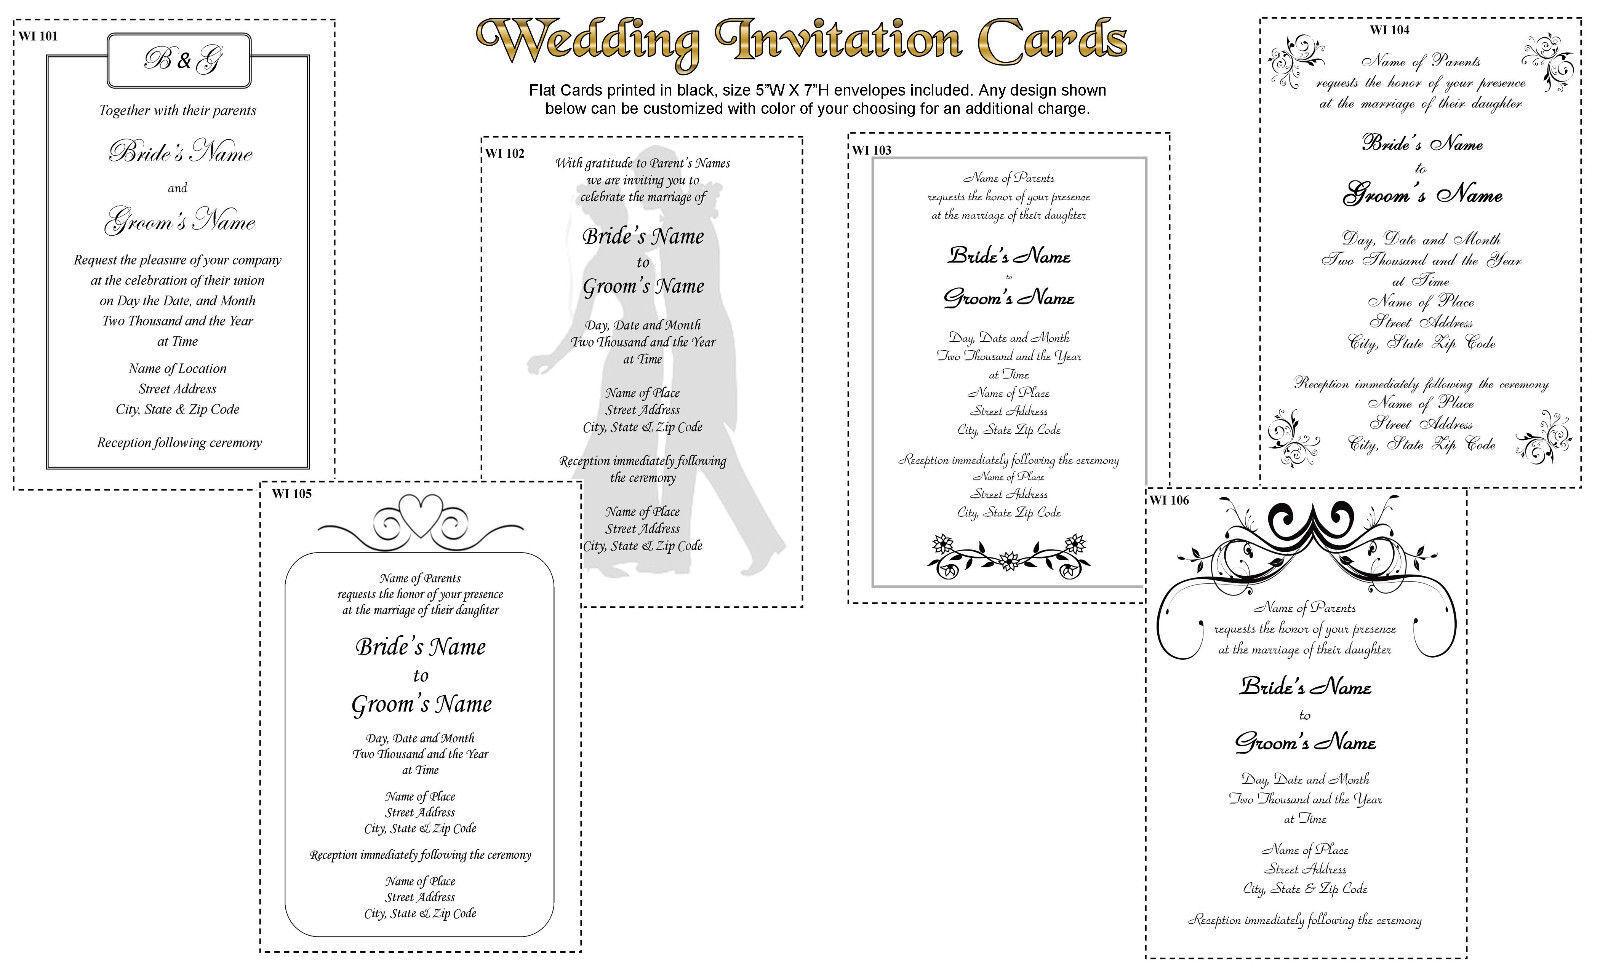 De mariage 100 Cartes d'invitation imprimé en noir coeurs avec enveloppes